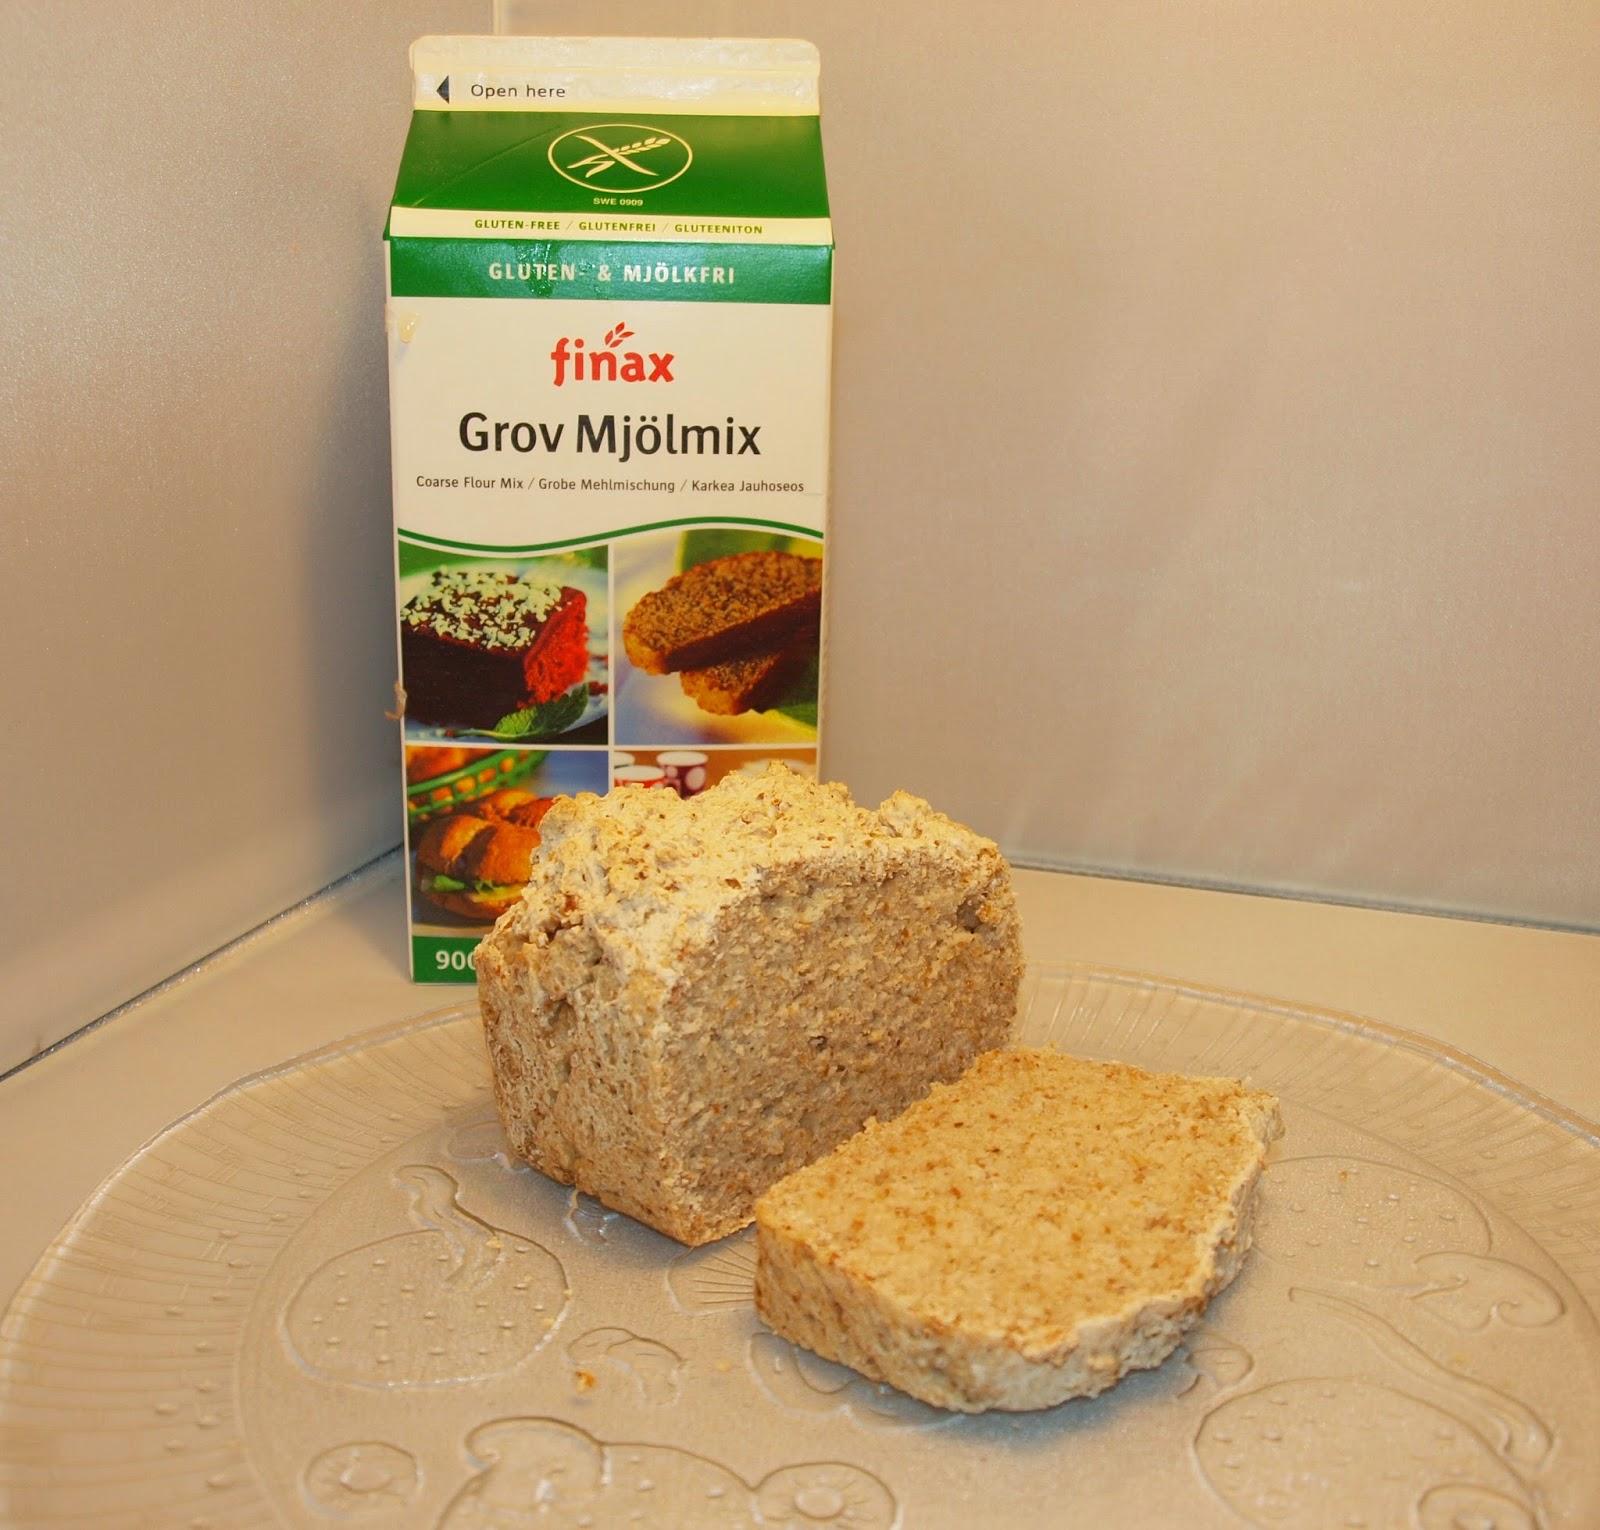 Titan tupa: Gluteeniton leipä